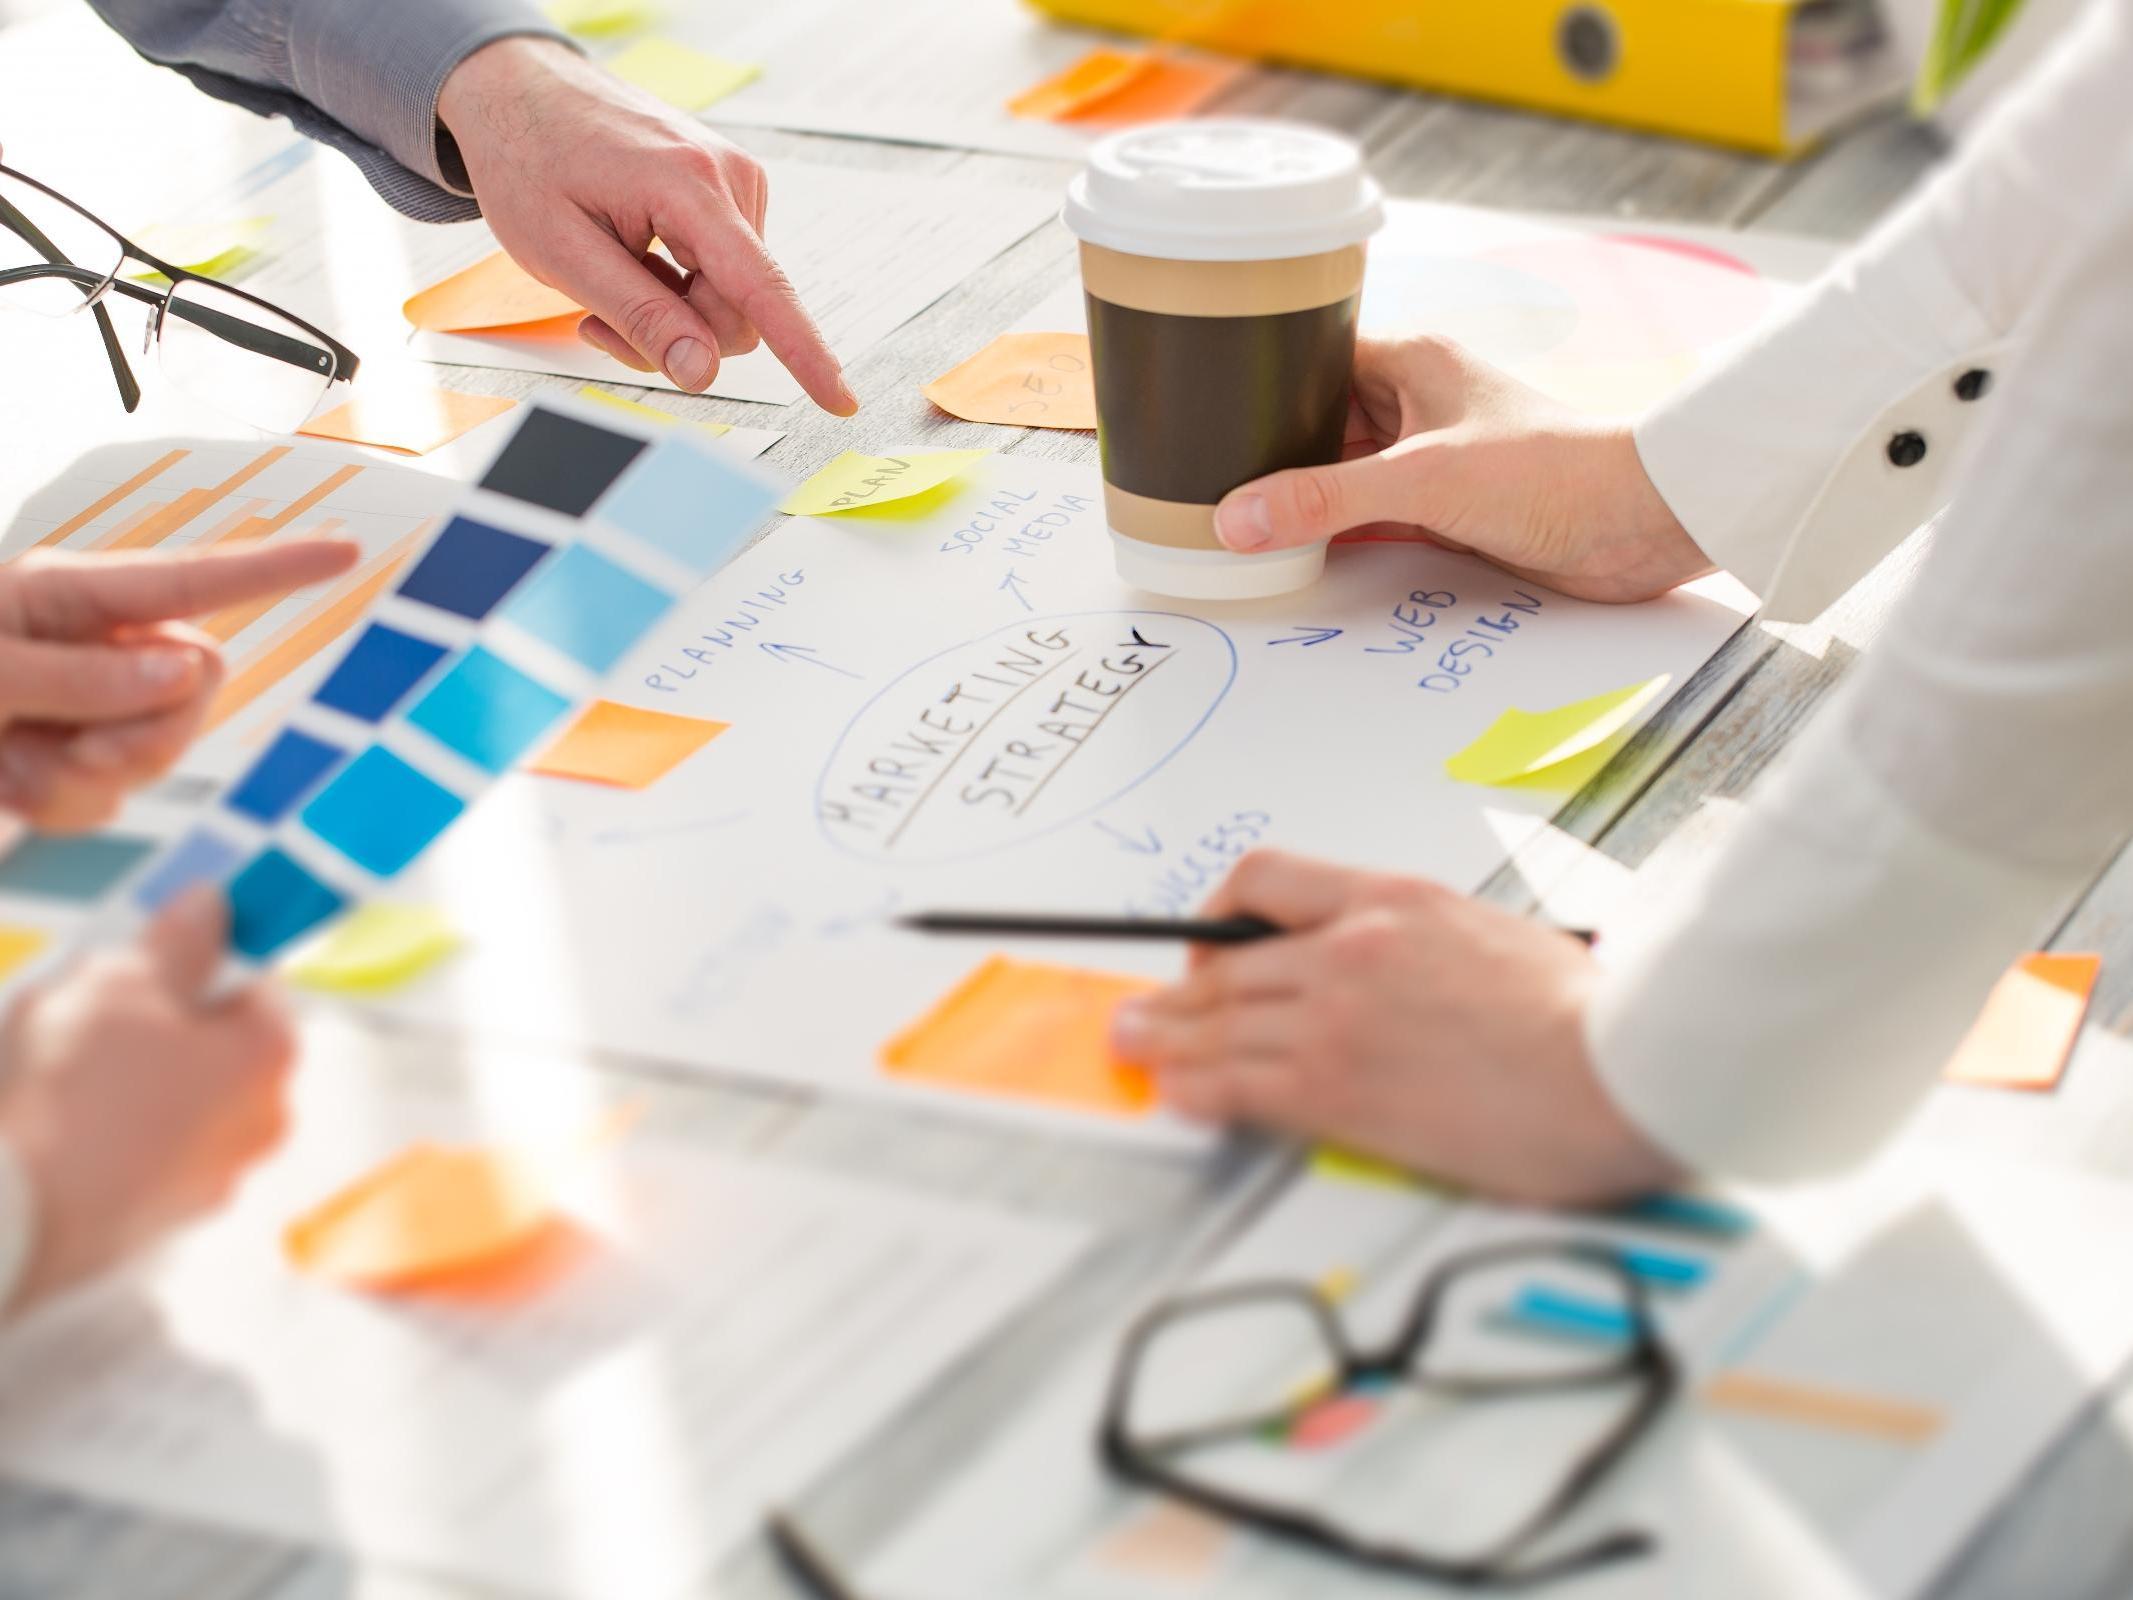 Comment résoudre des problèmes complexes en mode collaboratif ?